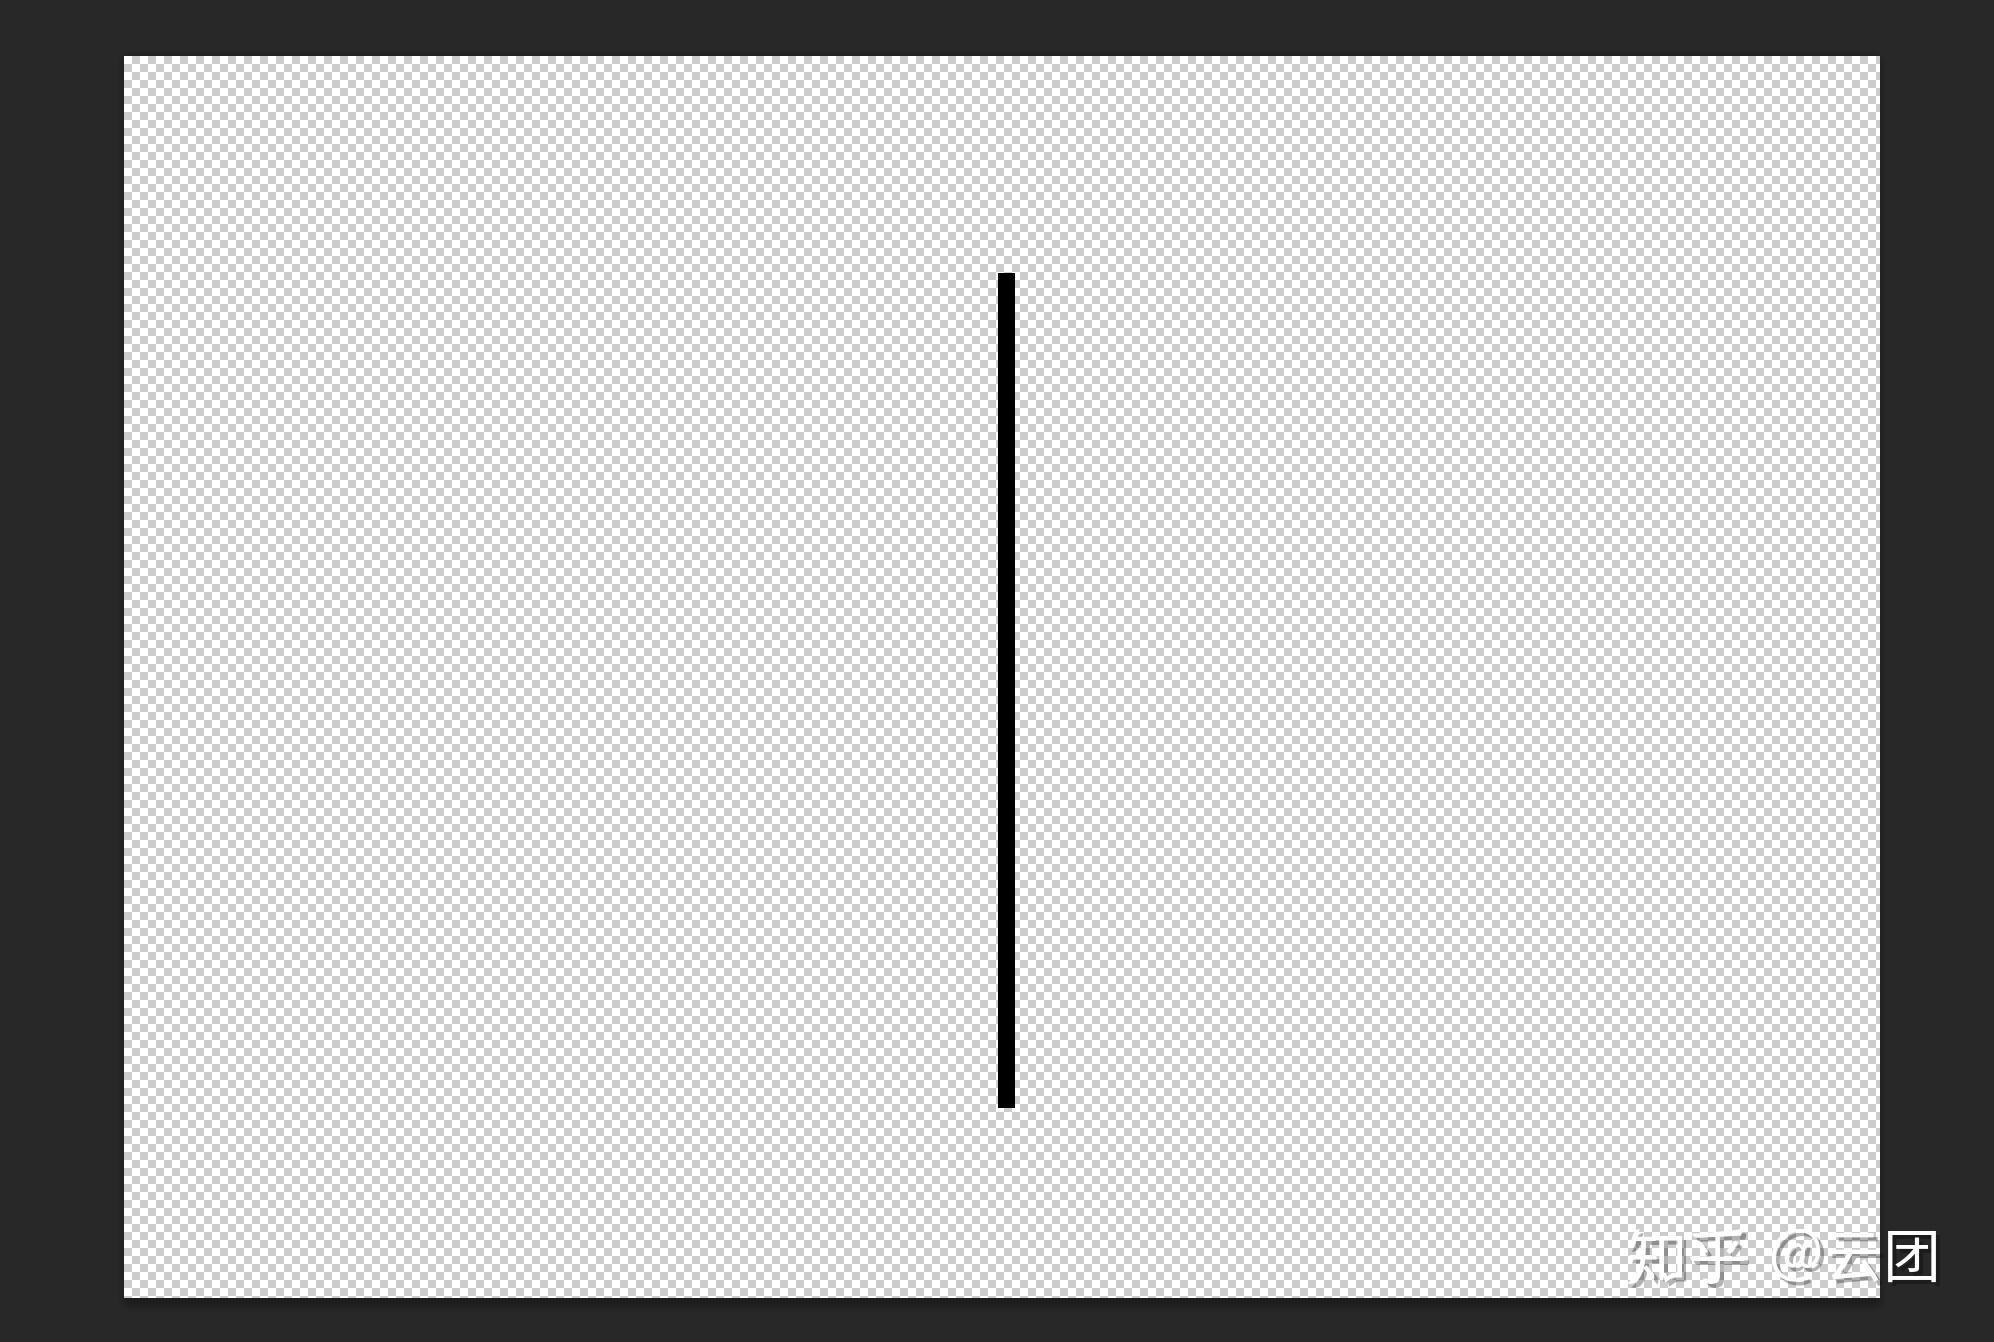 点击按住此处可_莫尔条纹动画(光栅动画)是怎样制作出来的? - 知乎